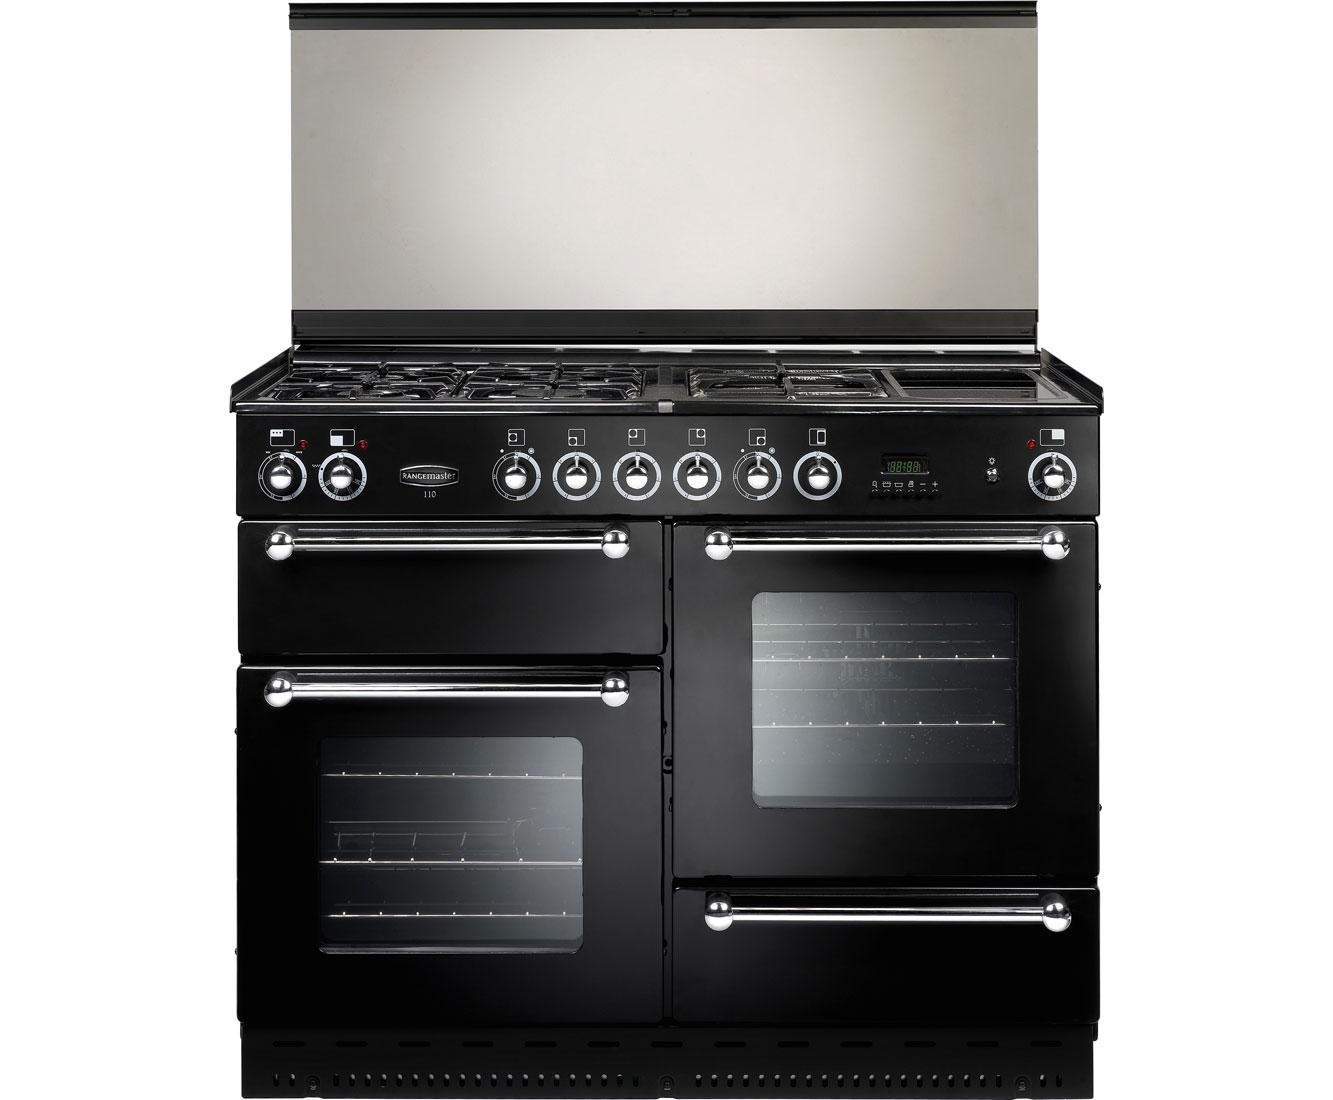 Rangemaster RMS110LPFBLPDC Free Standing Range Cooker in Black  Chrome